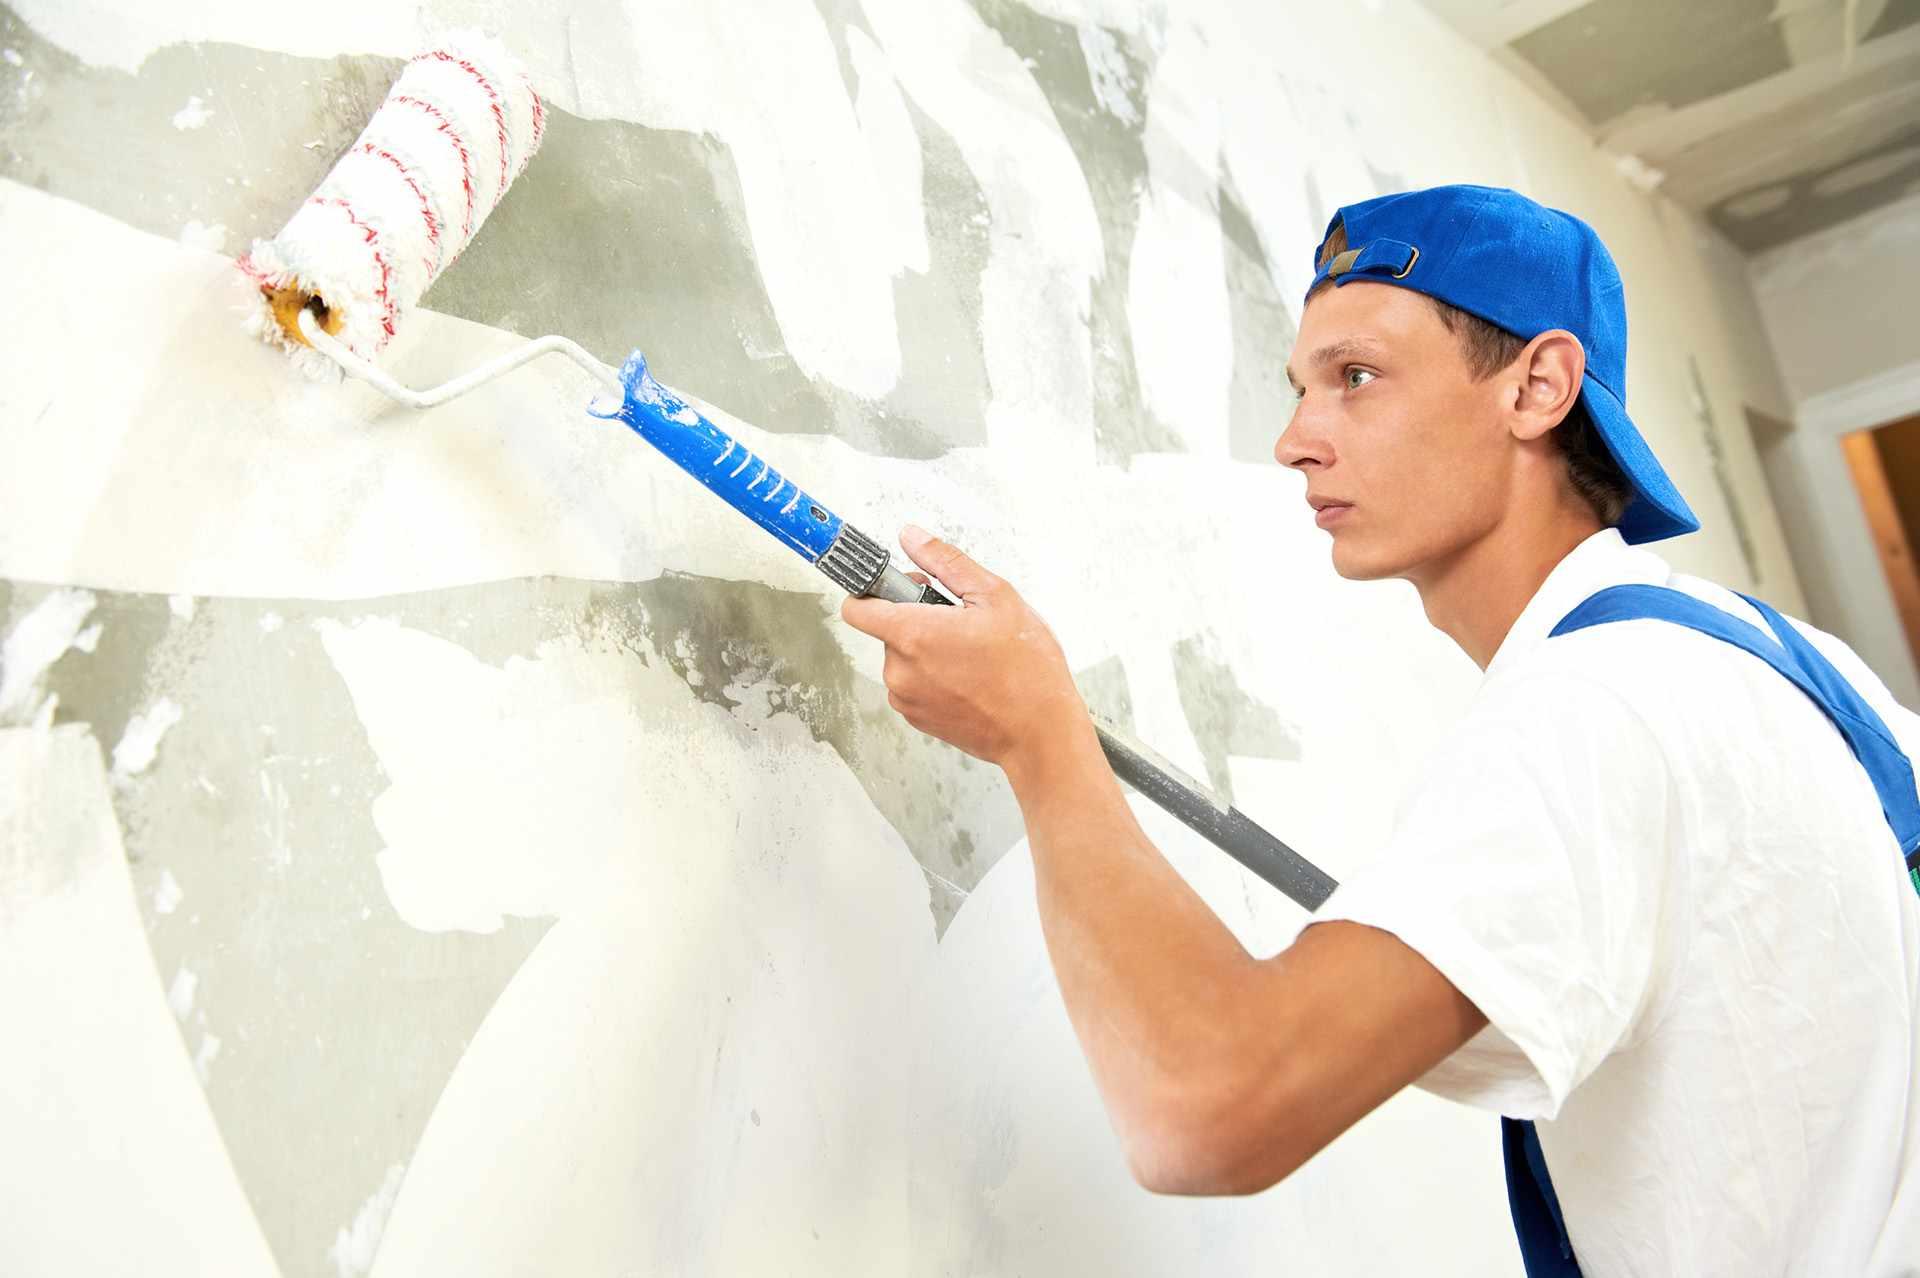 Маляр штукатур осуществляет деятельность по облицовке поверхностей зданий, оштукатуриванию, внутренней отделке помещений